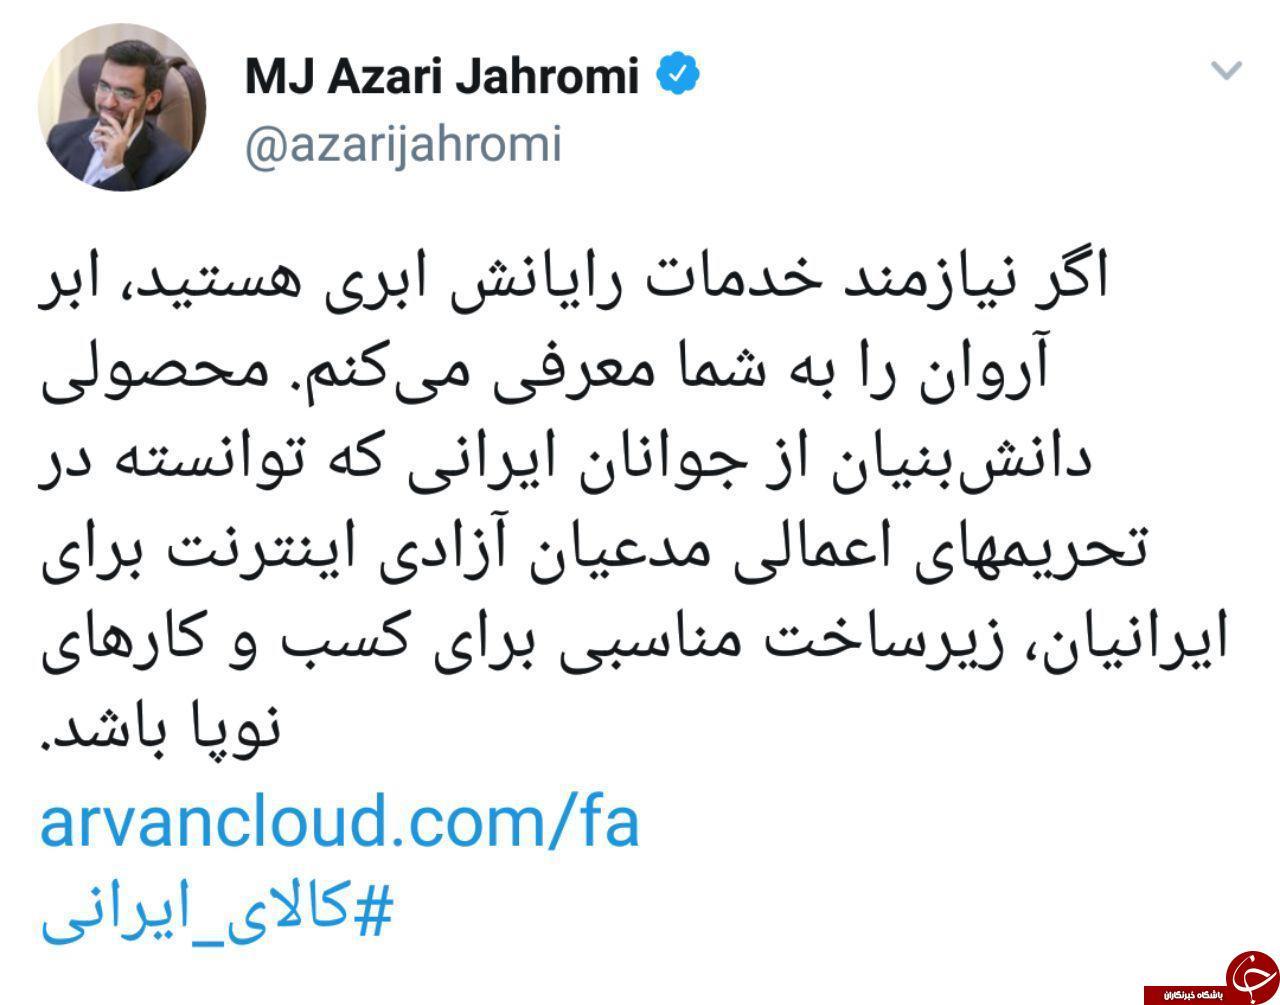 معرفی ارائه دهنده خدمات رایانش ابری ایرانی توسط وزیر ارتباطات +عکس